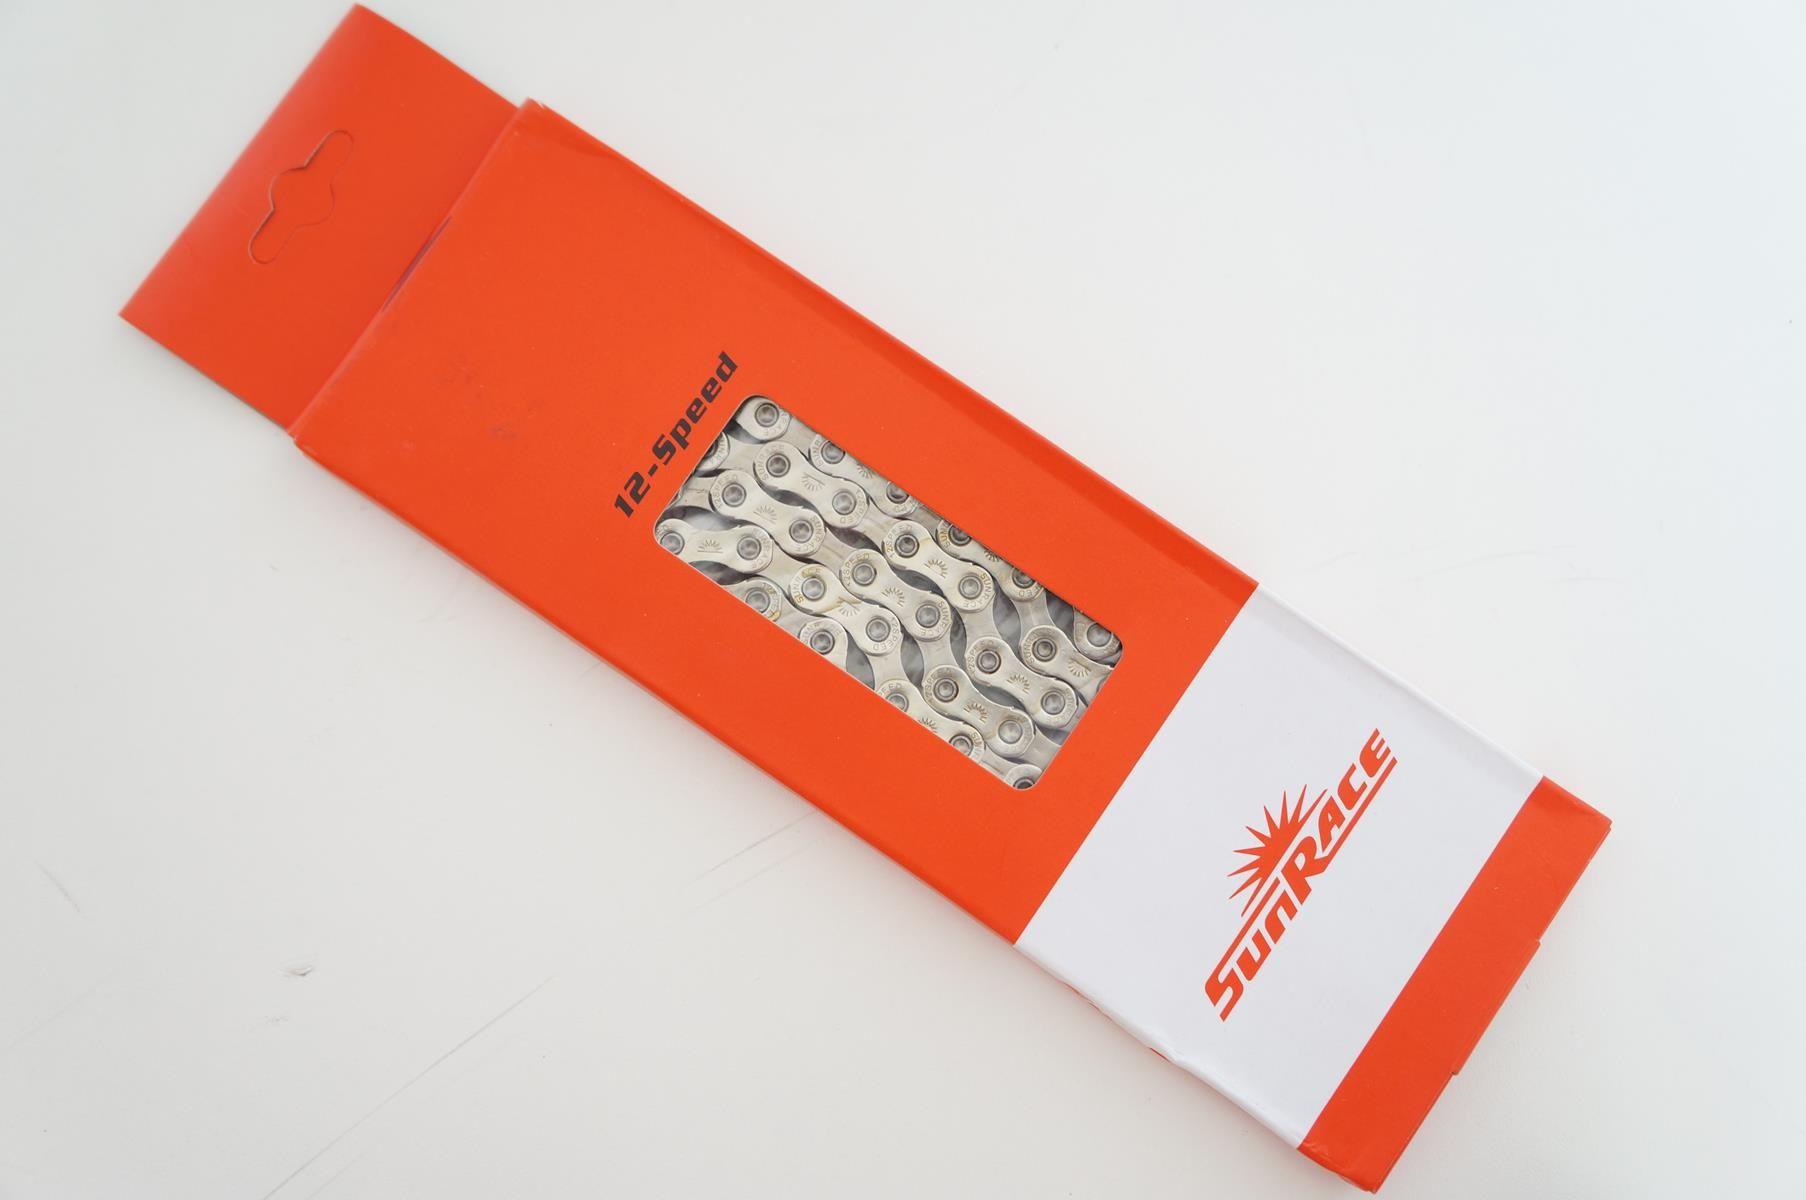 Kit Sunrace 2x10 Pedivela 36-22 + Cassete 11-42 + Corrente 10v com Power link